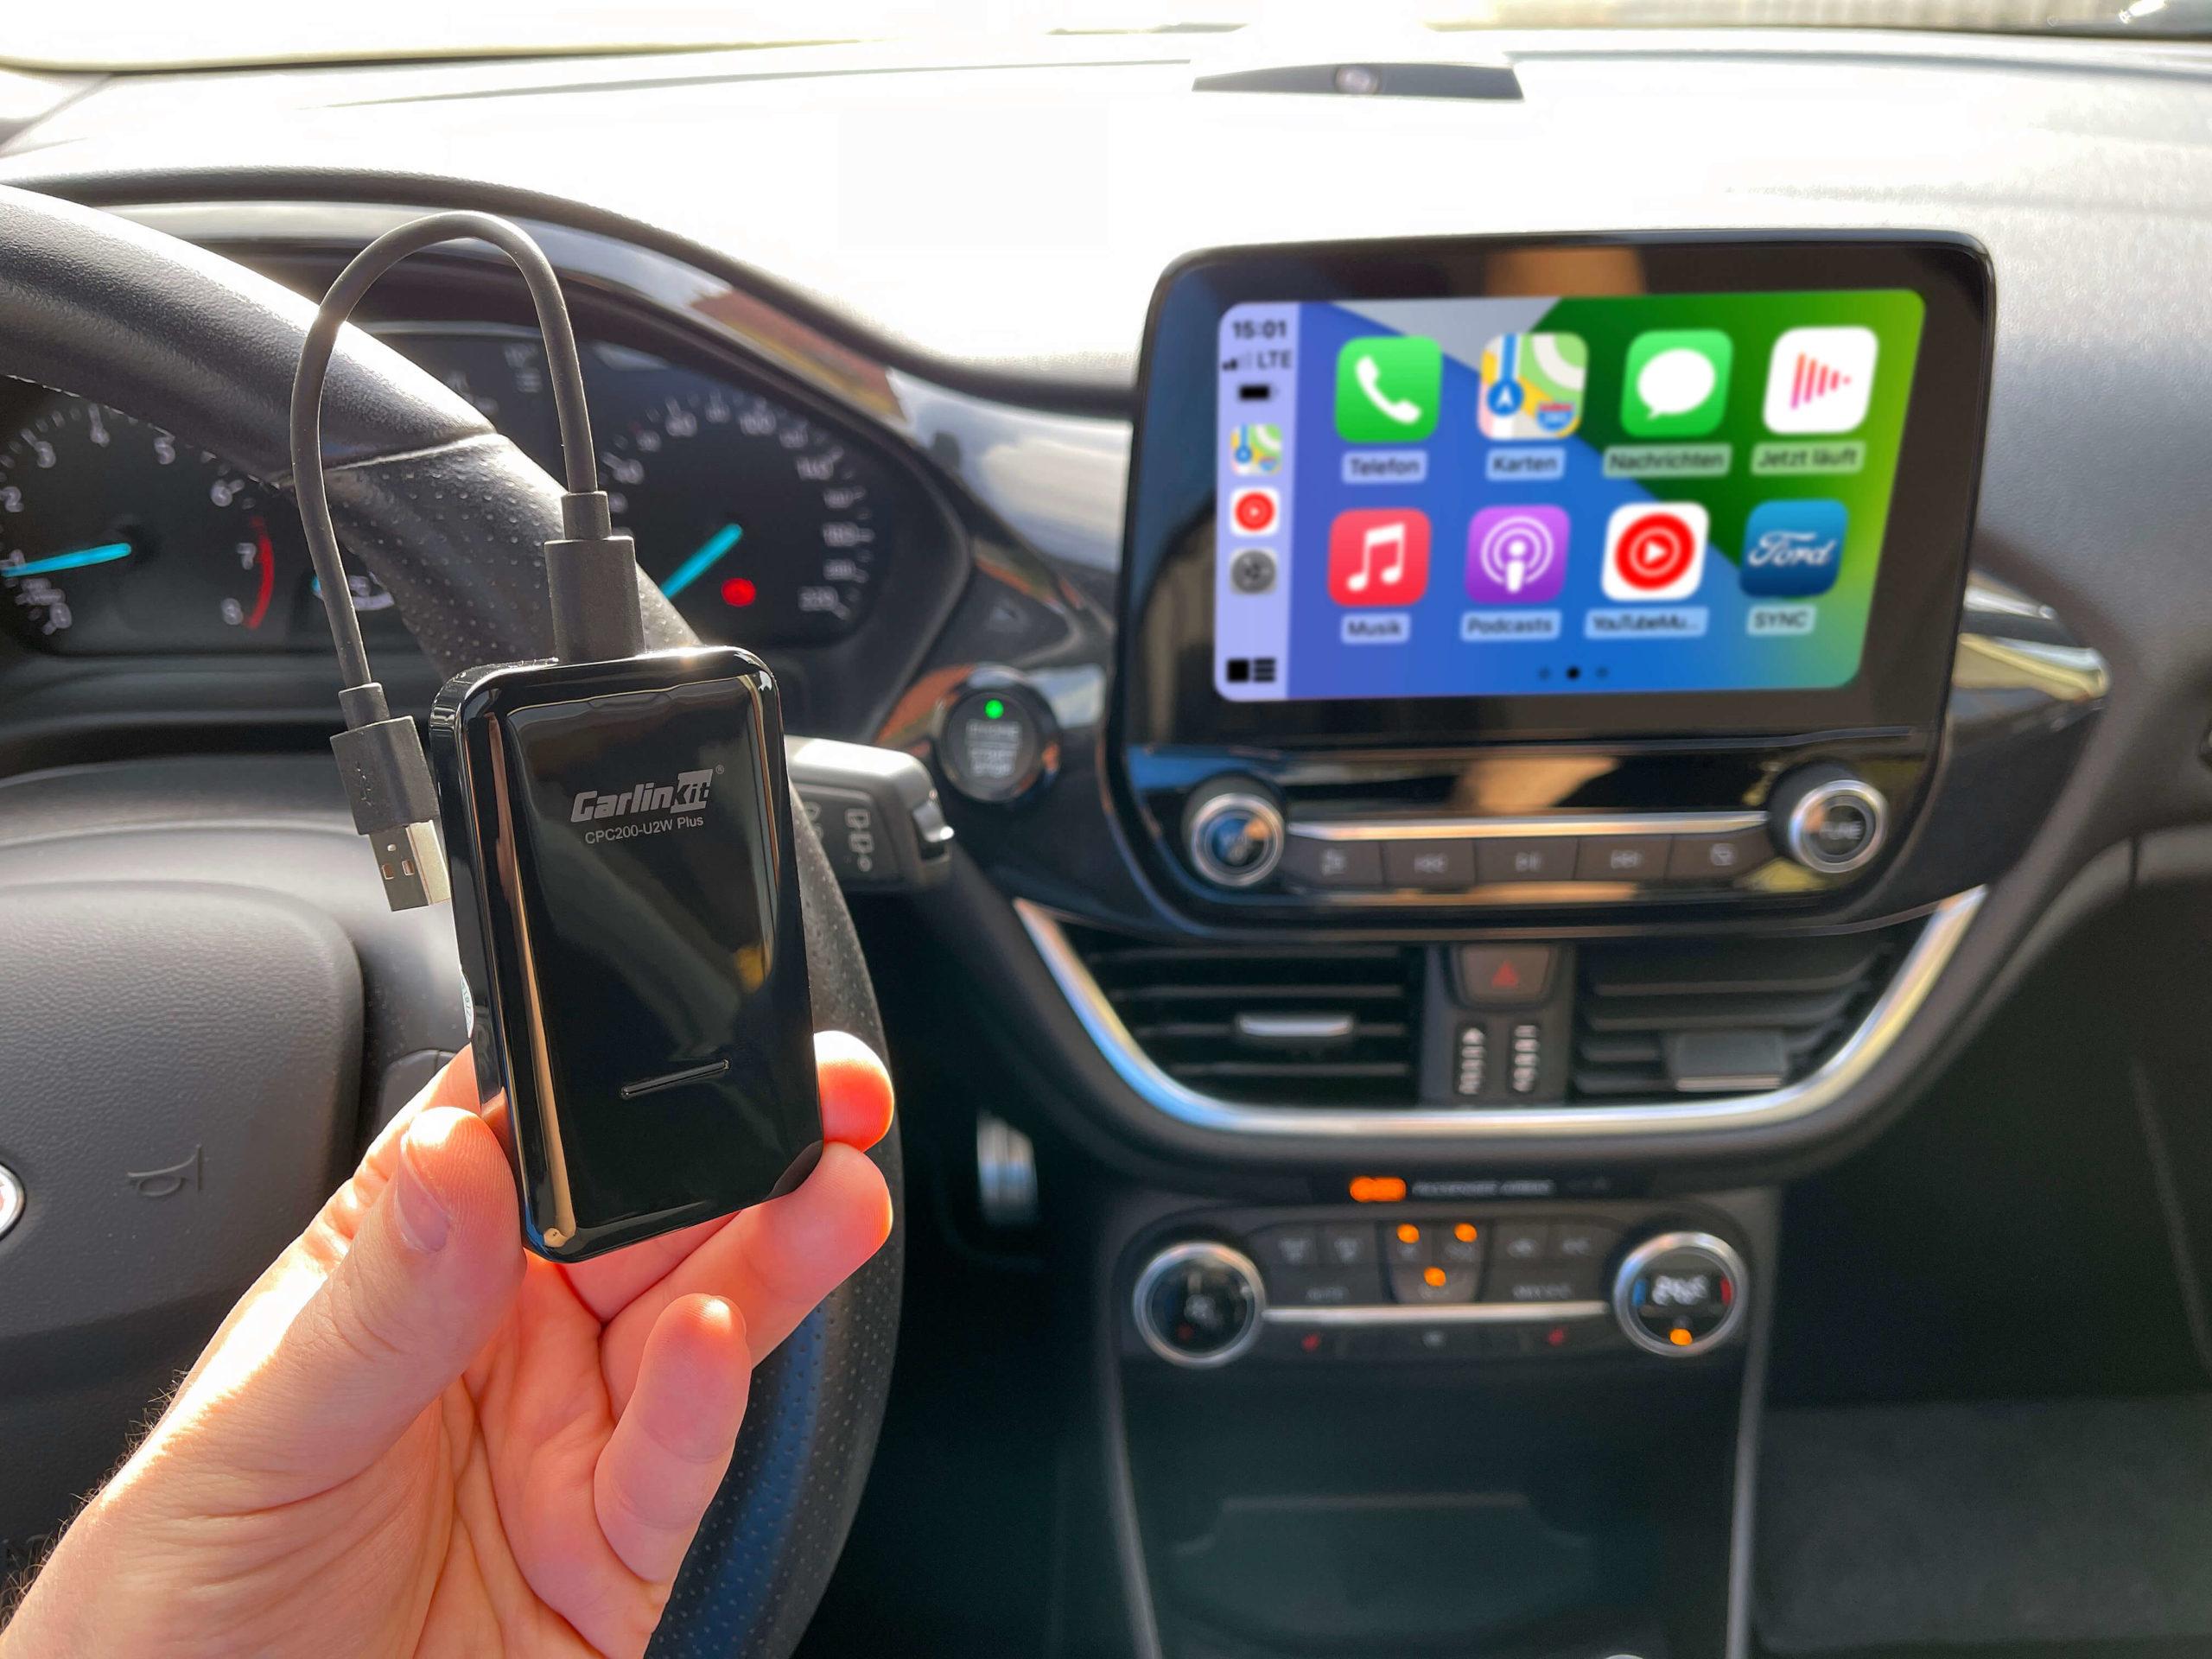 Wireless-CarPlay-Adapter-2.0-von-Carlinkit-–-vorhandenes-Apple-CarPlay-kabellos-machen2-scaled Wireless CarPlay Adapter 2.0 von Carlinkit – vorhandenes Apple CarPlay kabellos machen